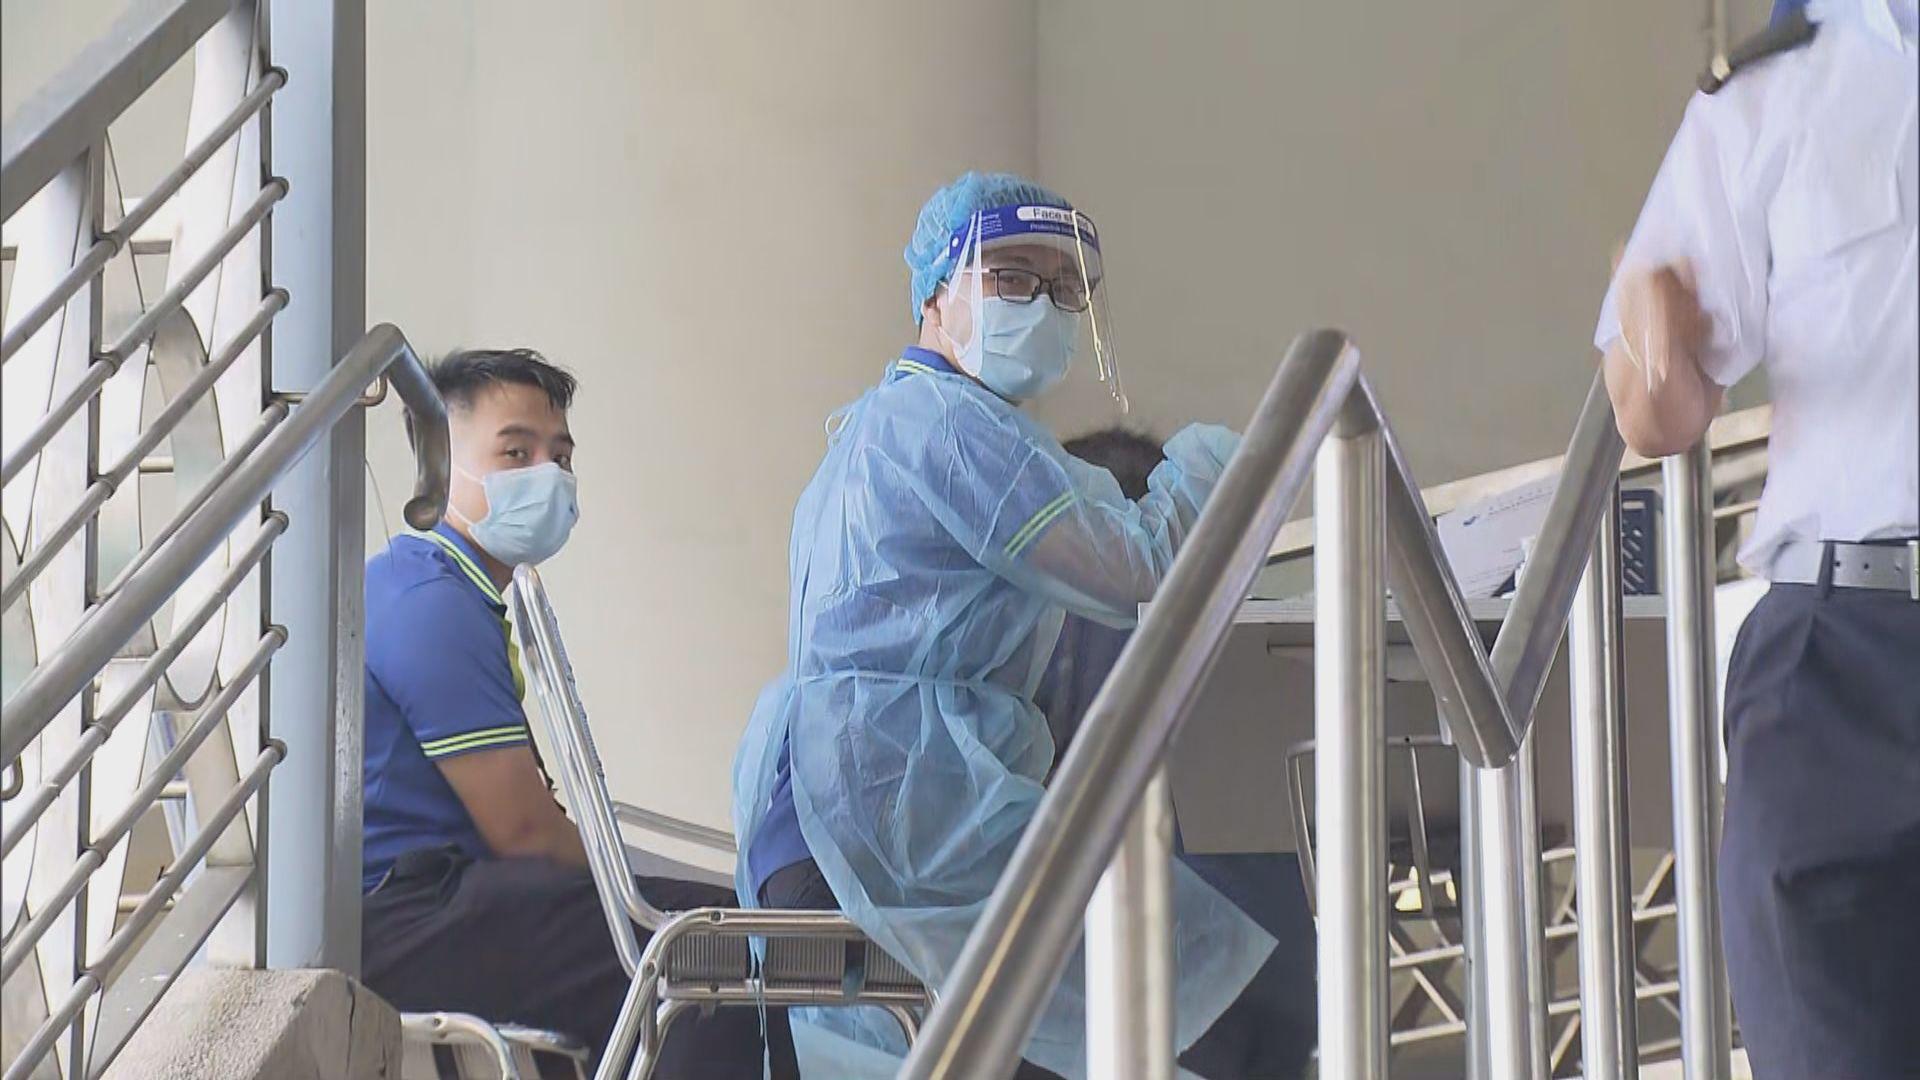 政府擴大高危群組病毒檢測至渡輪及港鐵員工